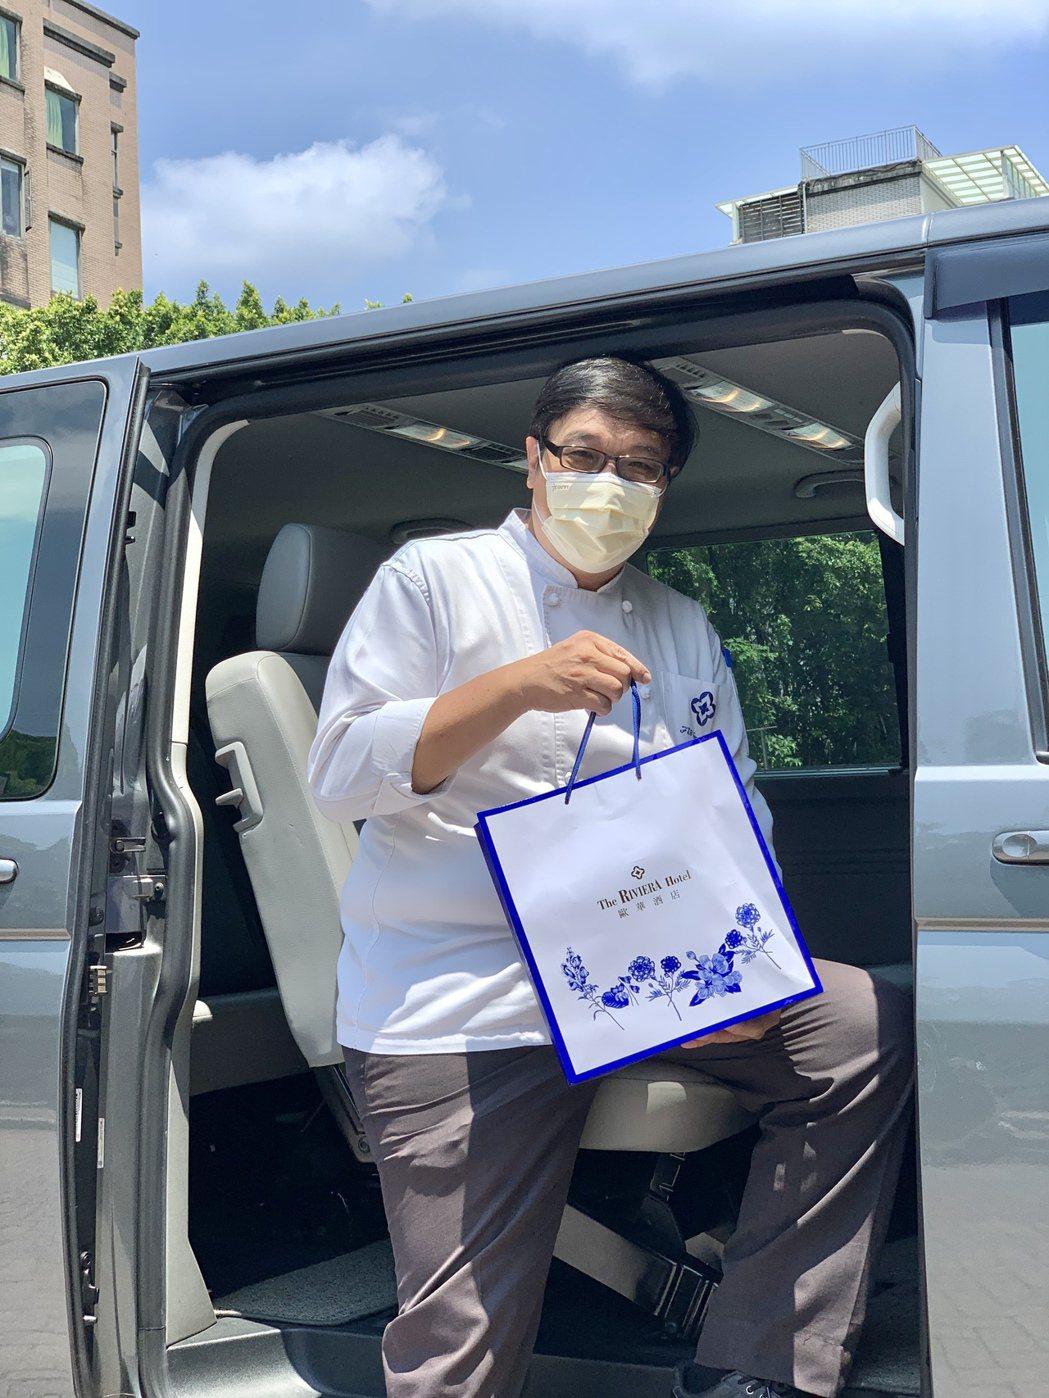 行政主廚郭榮宗說,每盒僅1,180元、惠而不費,是公司企業送禮致意的好選擇,大量...